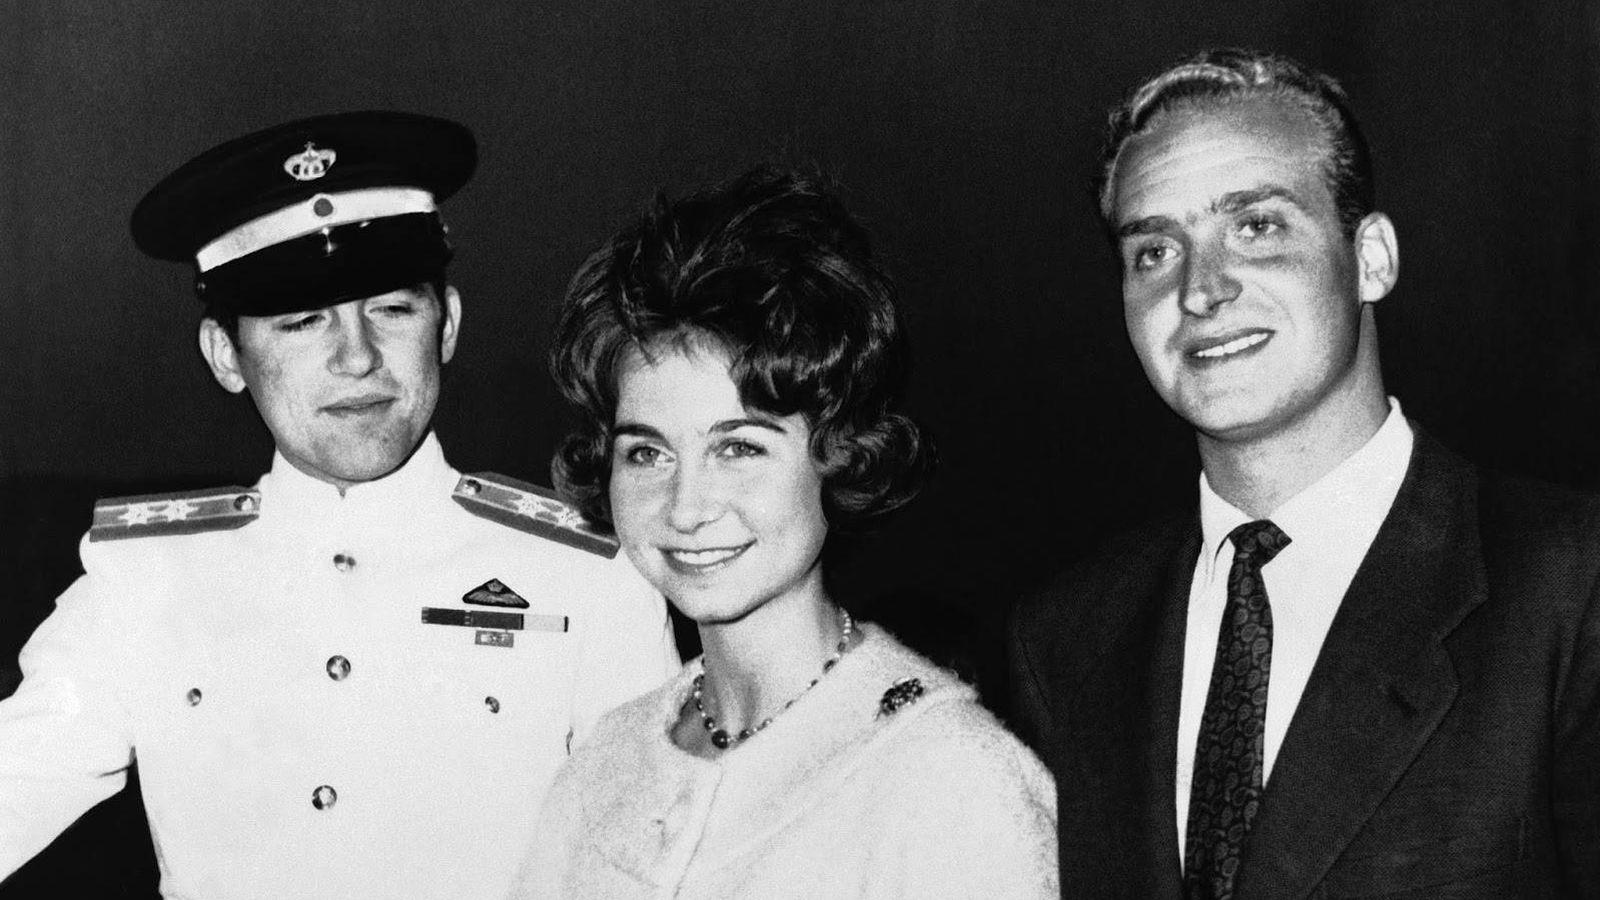 Foto: Constantino II de Grecia en 1961 junto a su hermana Sofía y su futuro cuñado Juan Carlos, durante el anuncio del compromiso matrimonial de estos últimos